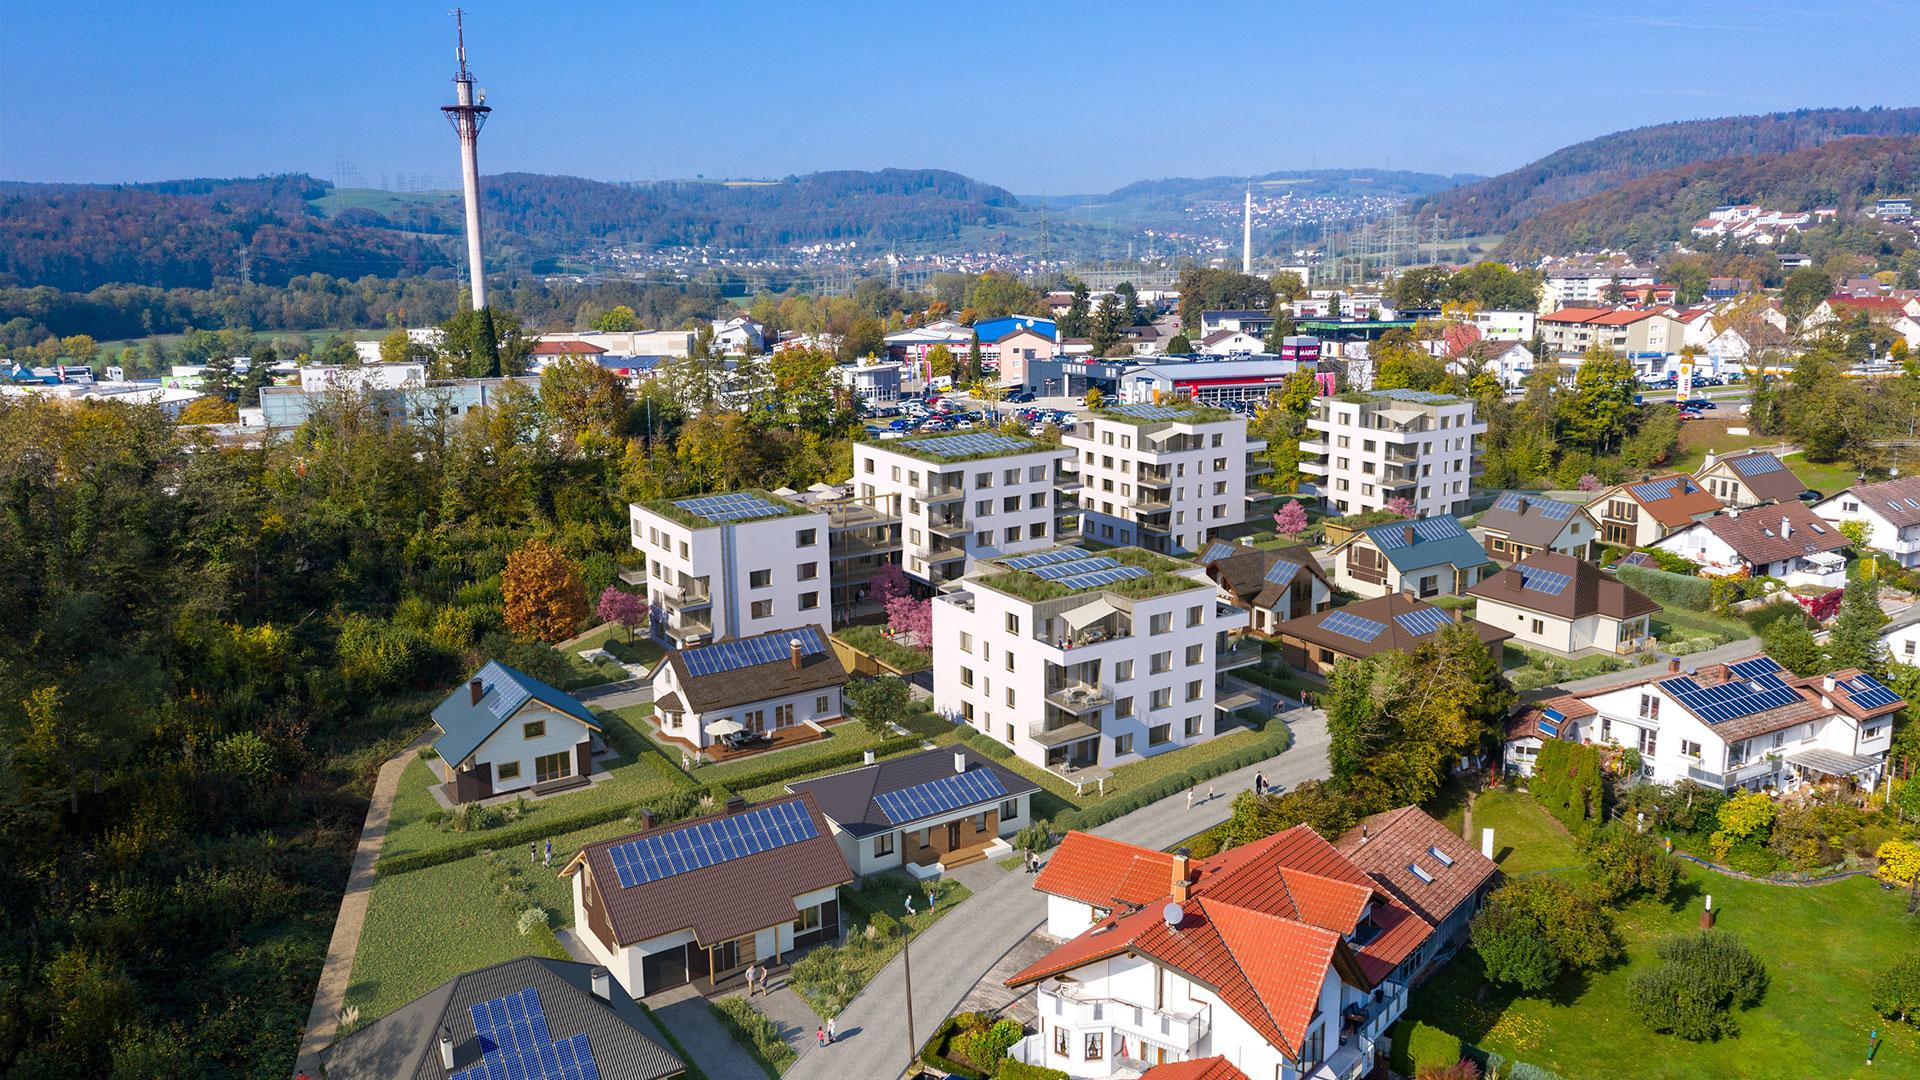 Die Holzbauingenieure Referenz Am Kaltenbach